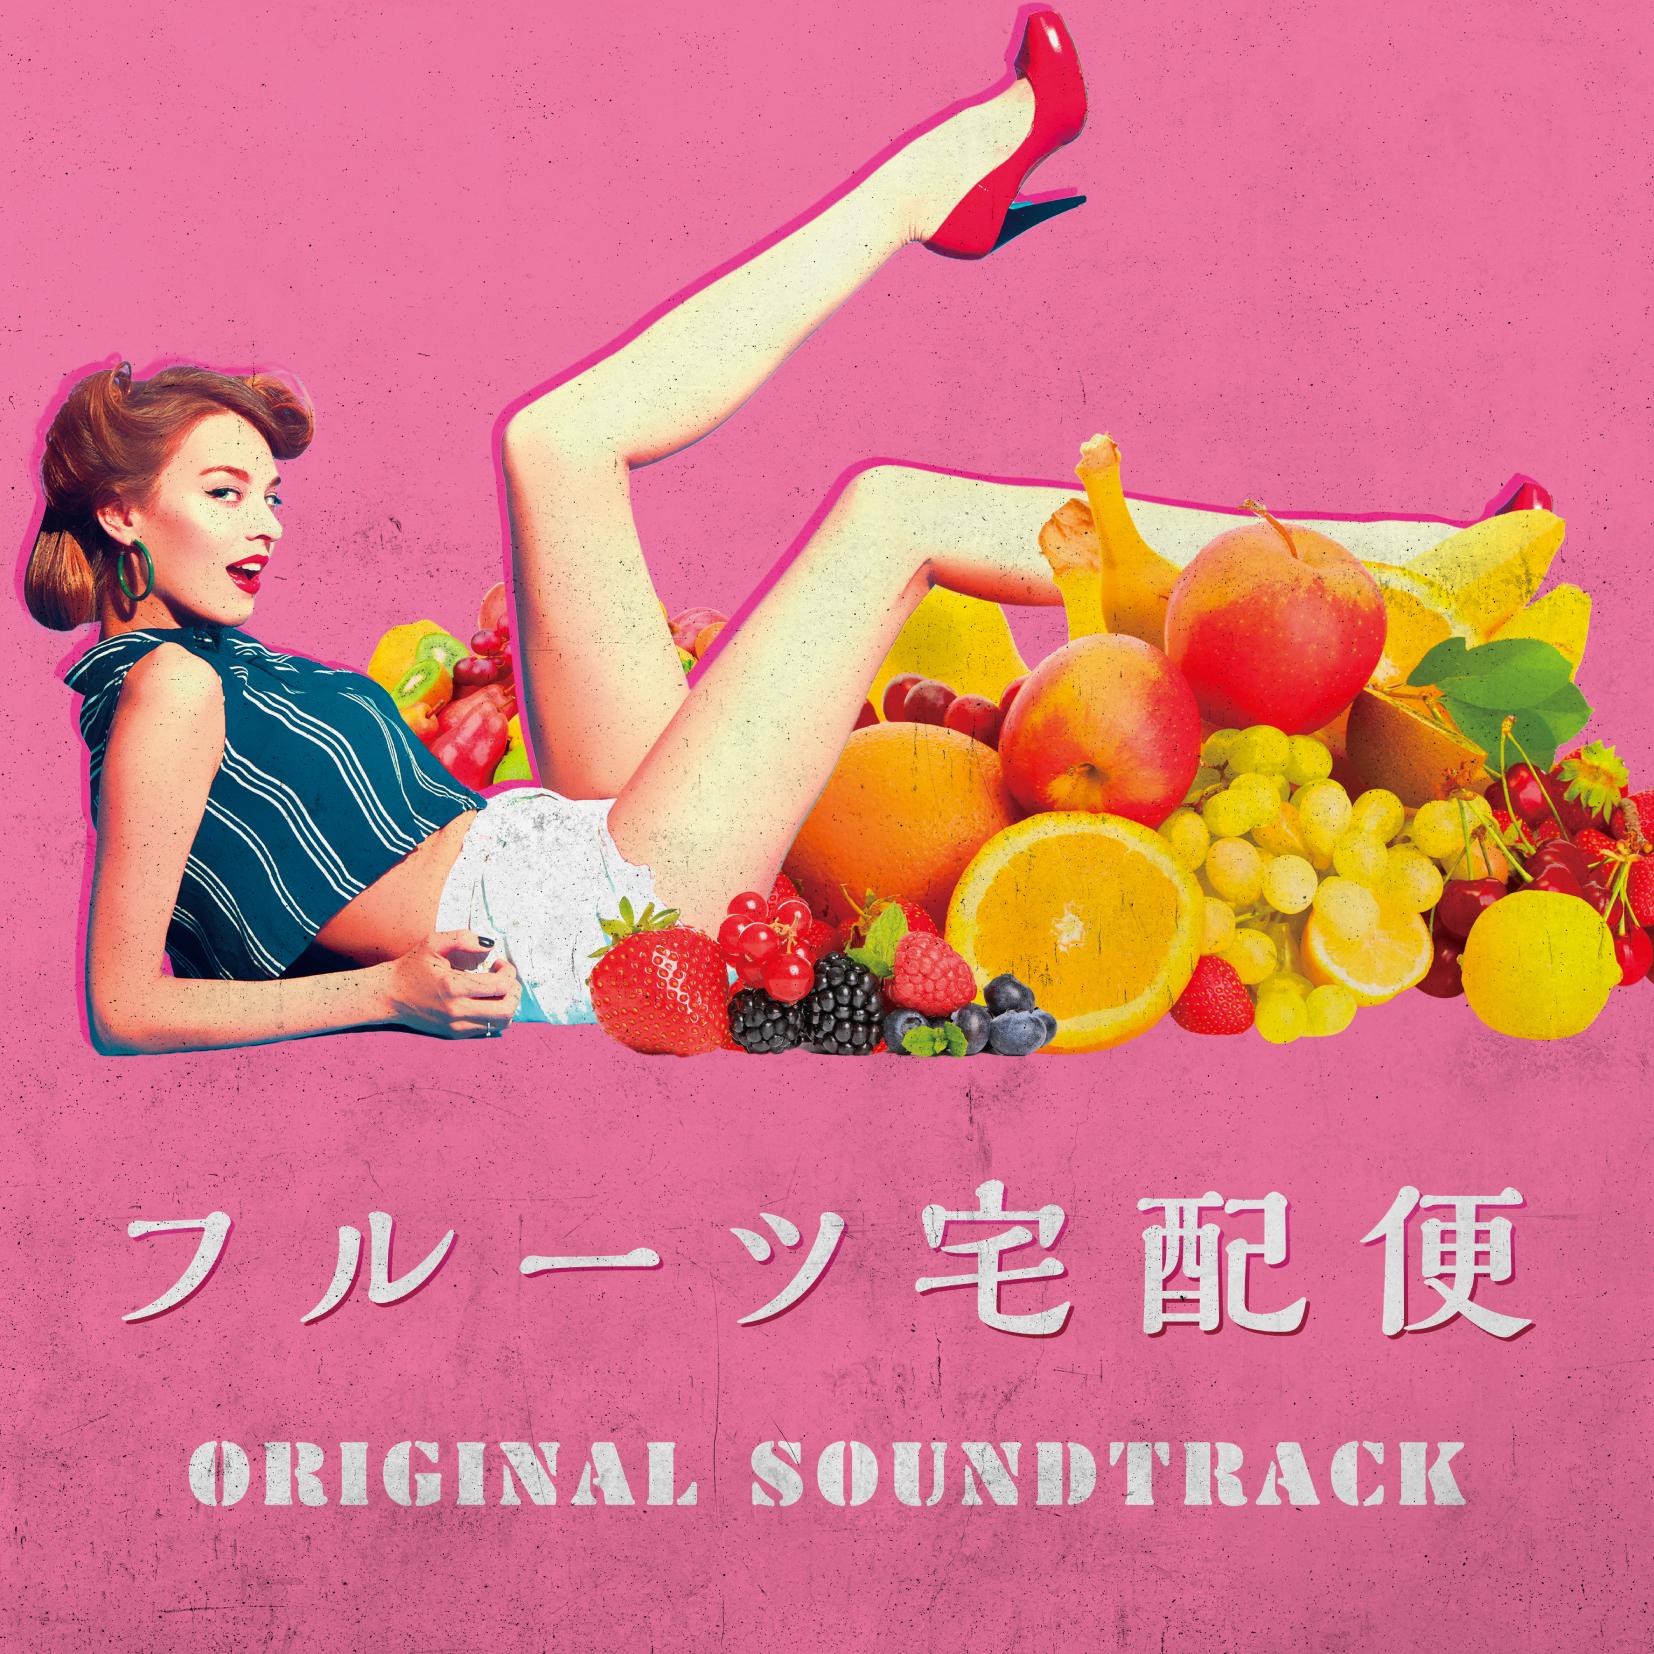 「フルーツ宅配便」オリジナル・サウンドトラック(配信限定)